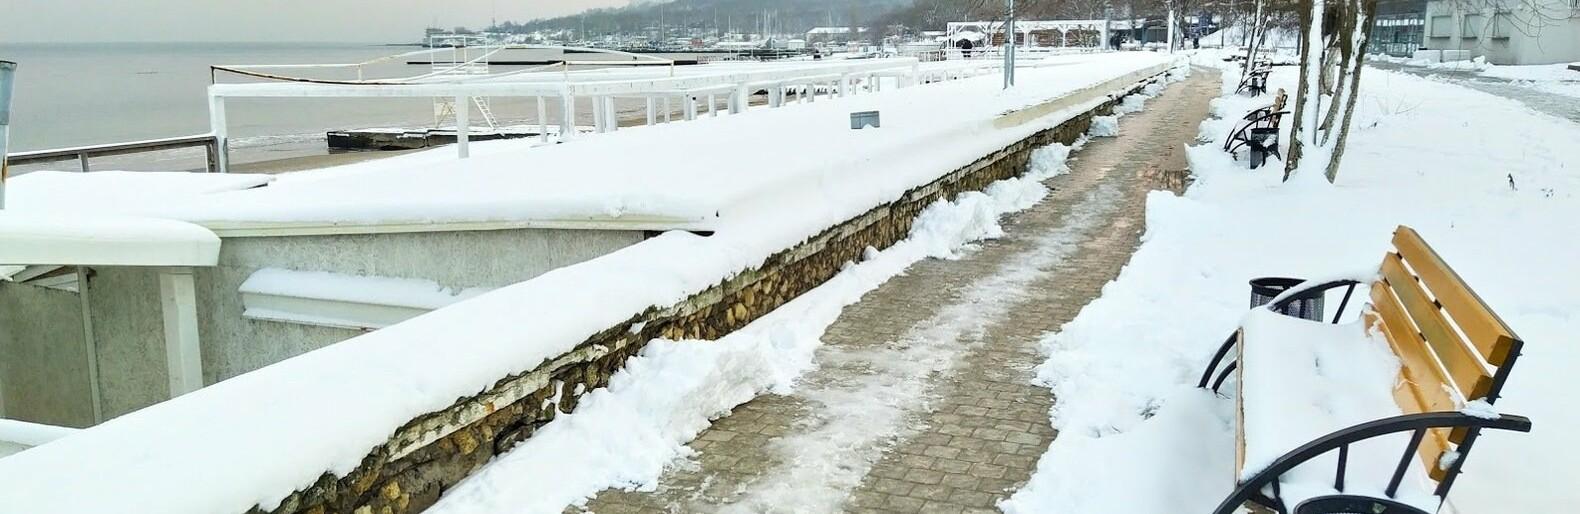 Когда в Одессу вернутся морозы и снег: погода на месяц0